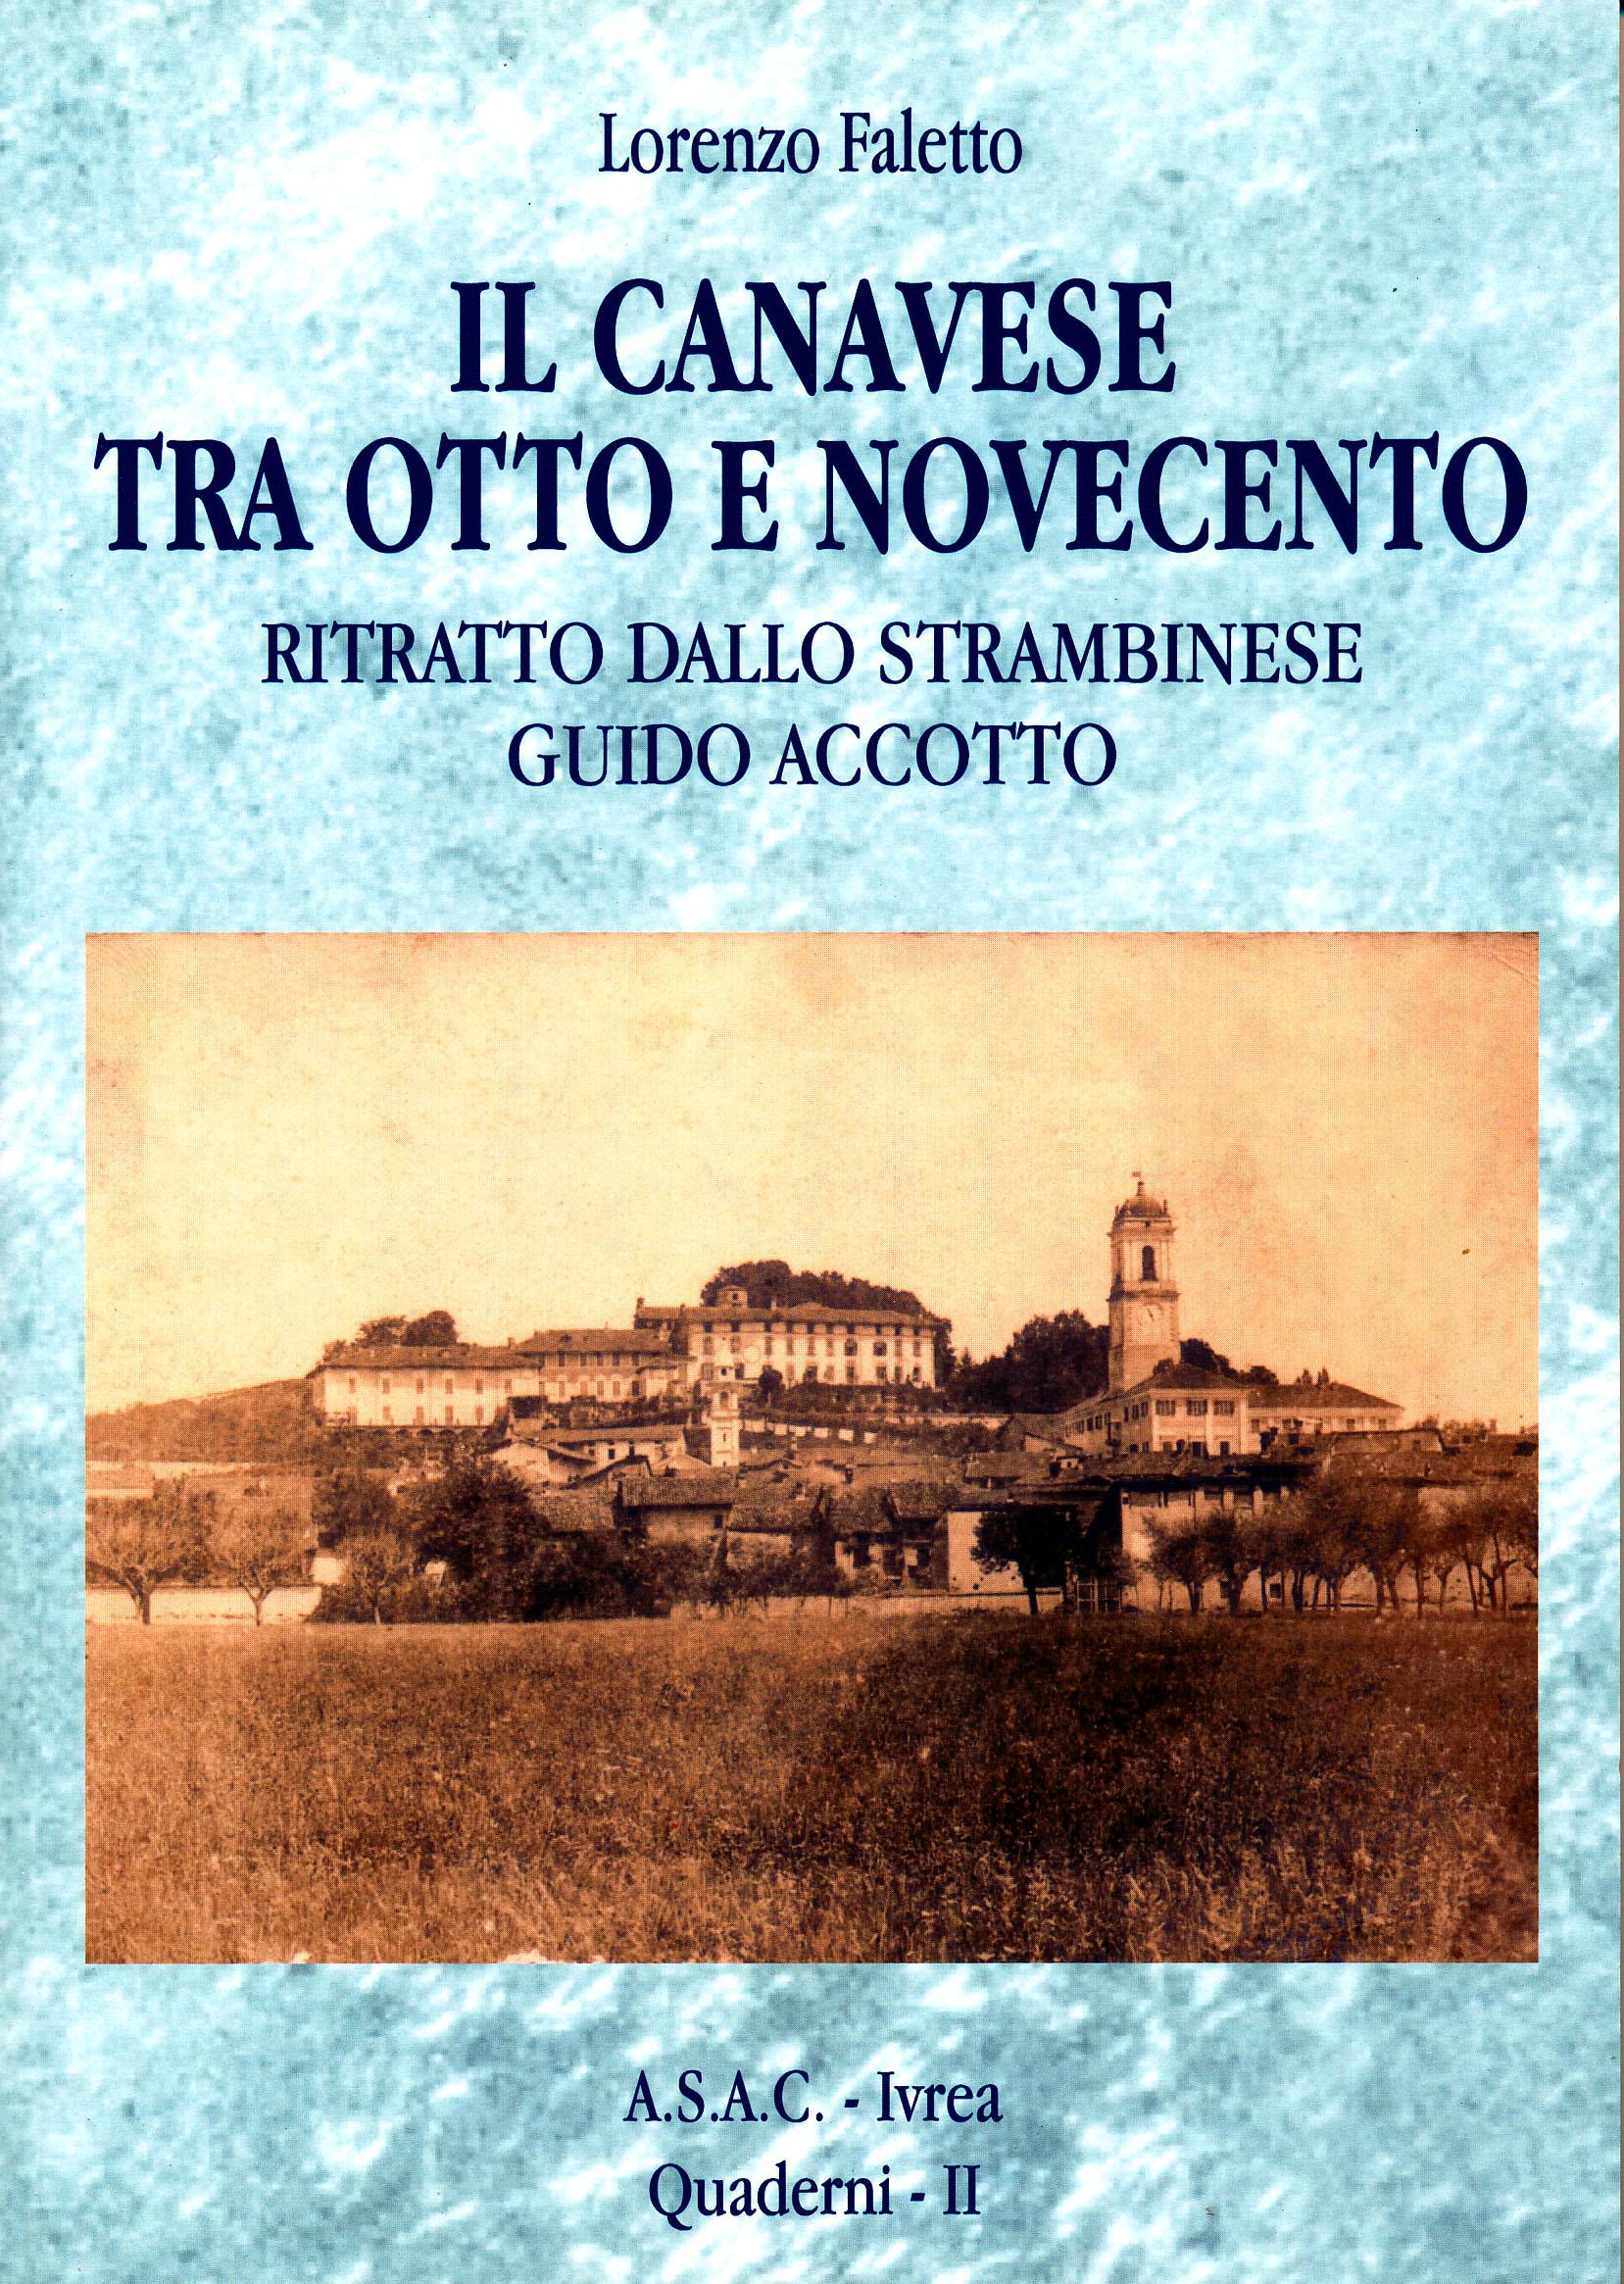 Il Canavese tra Otto e Novecento – Ritratto dello Strambinese Guido Accotto di Lorenzo Faletto